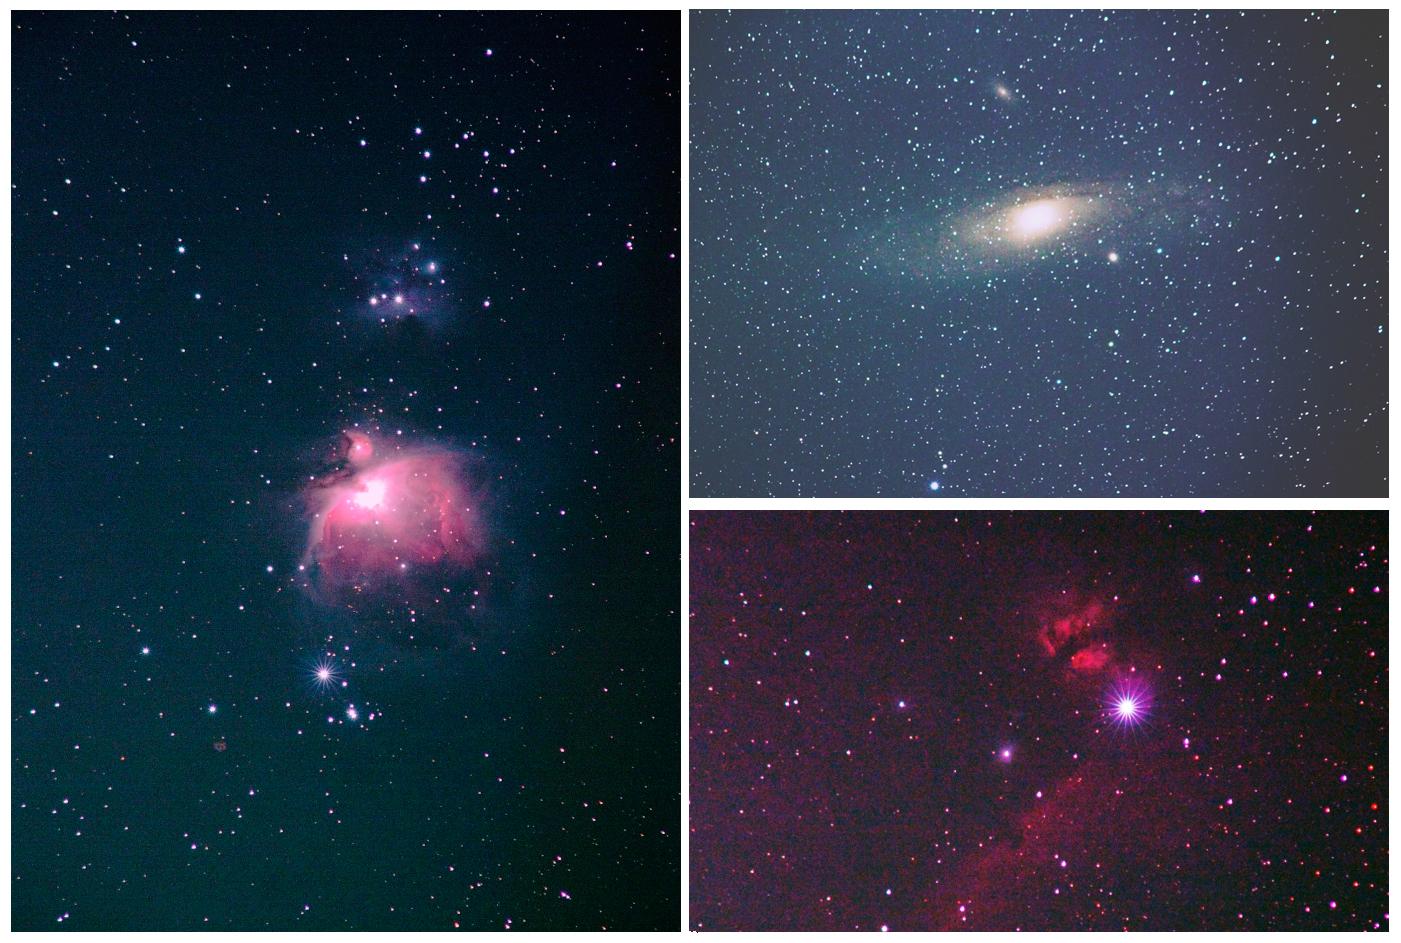 星雲と銀河